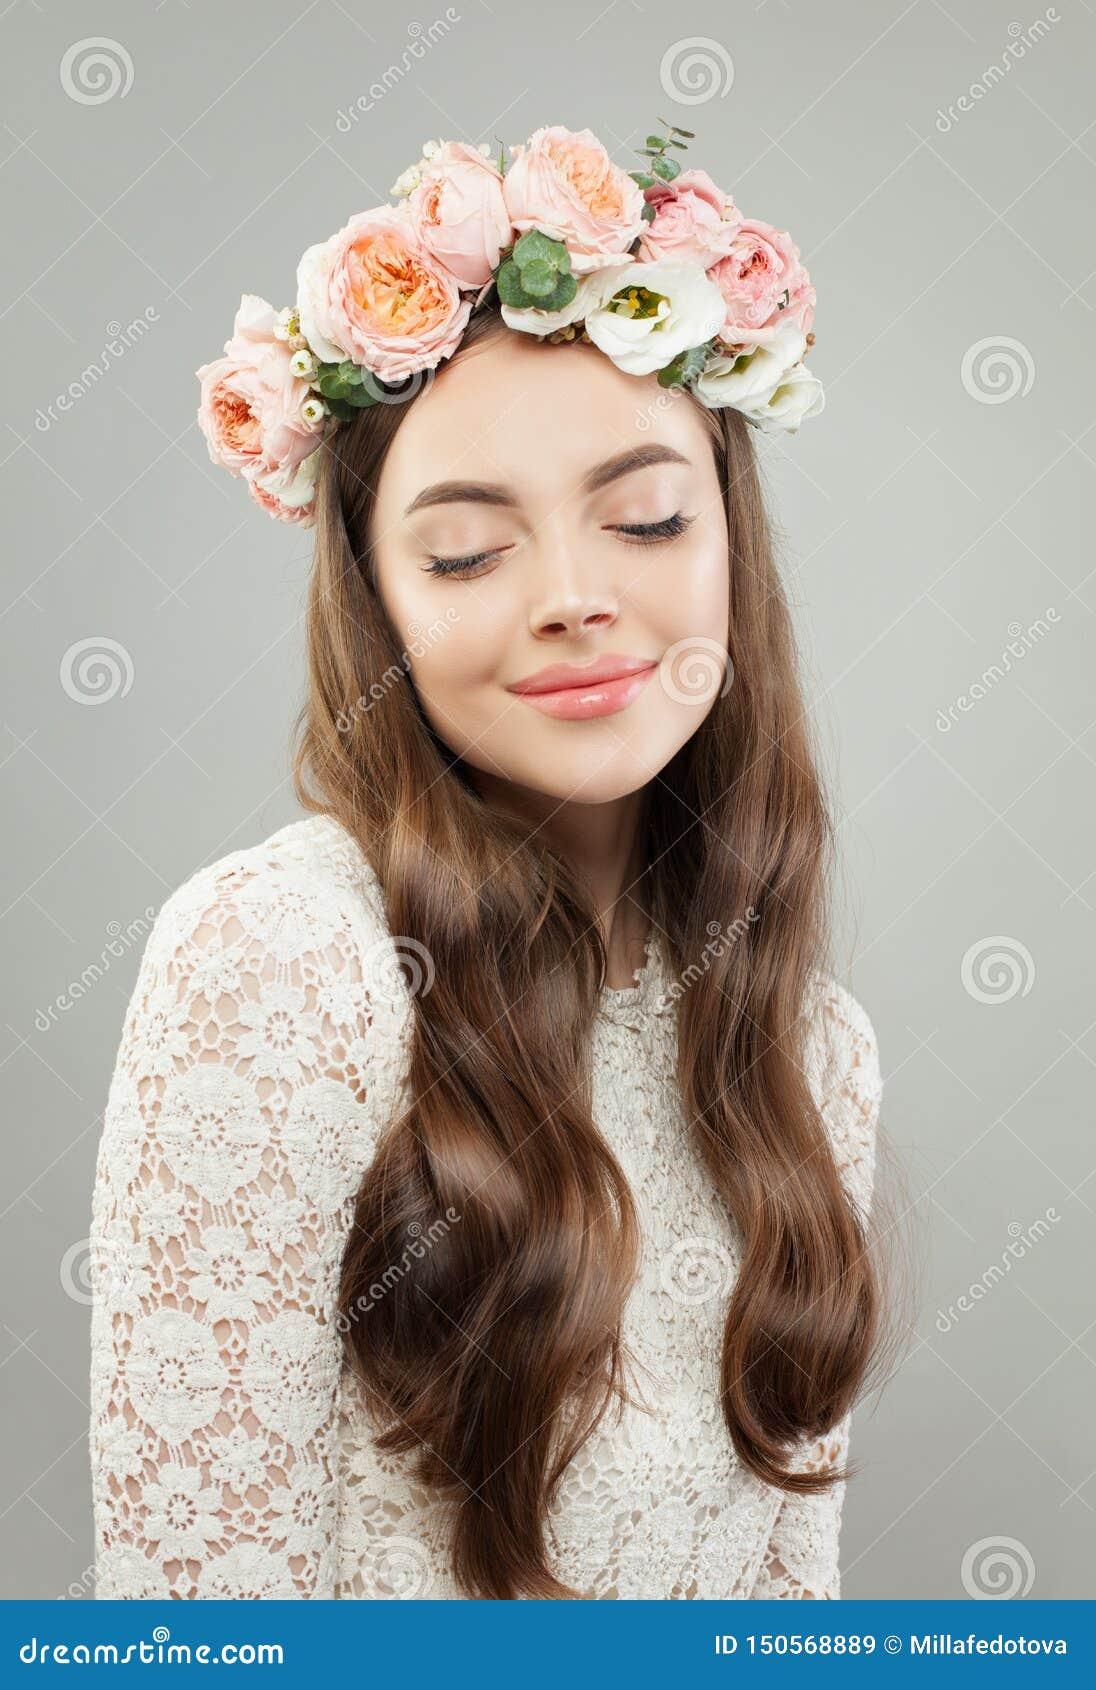 Mulher bonita nova Menina modelo bonita com a pele clara, cabelo brilhante longo e flores relaxando